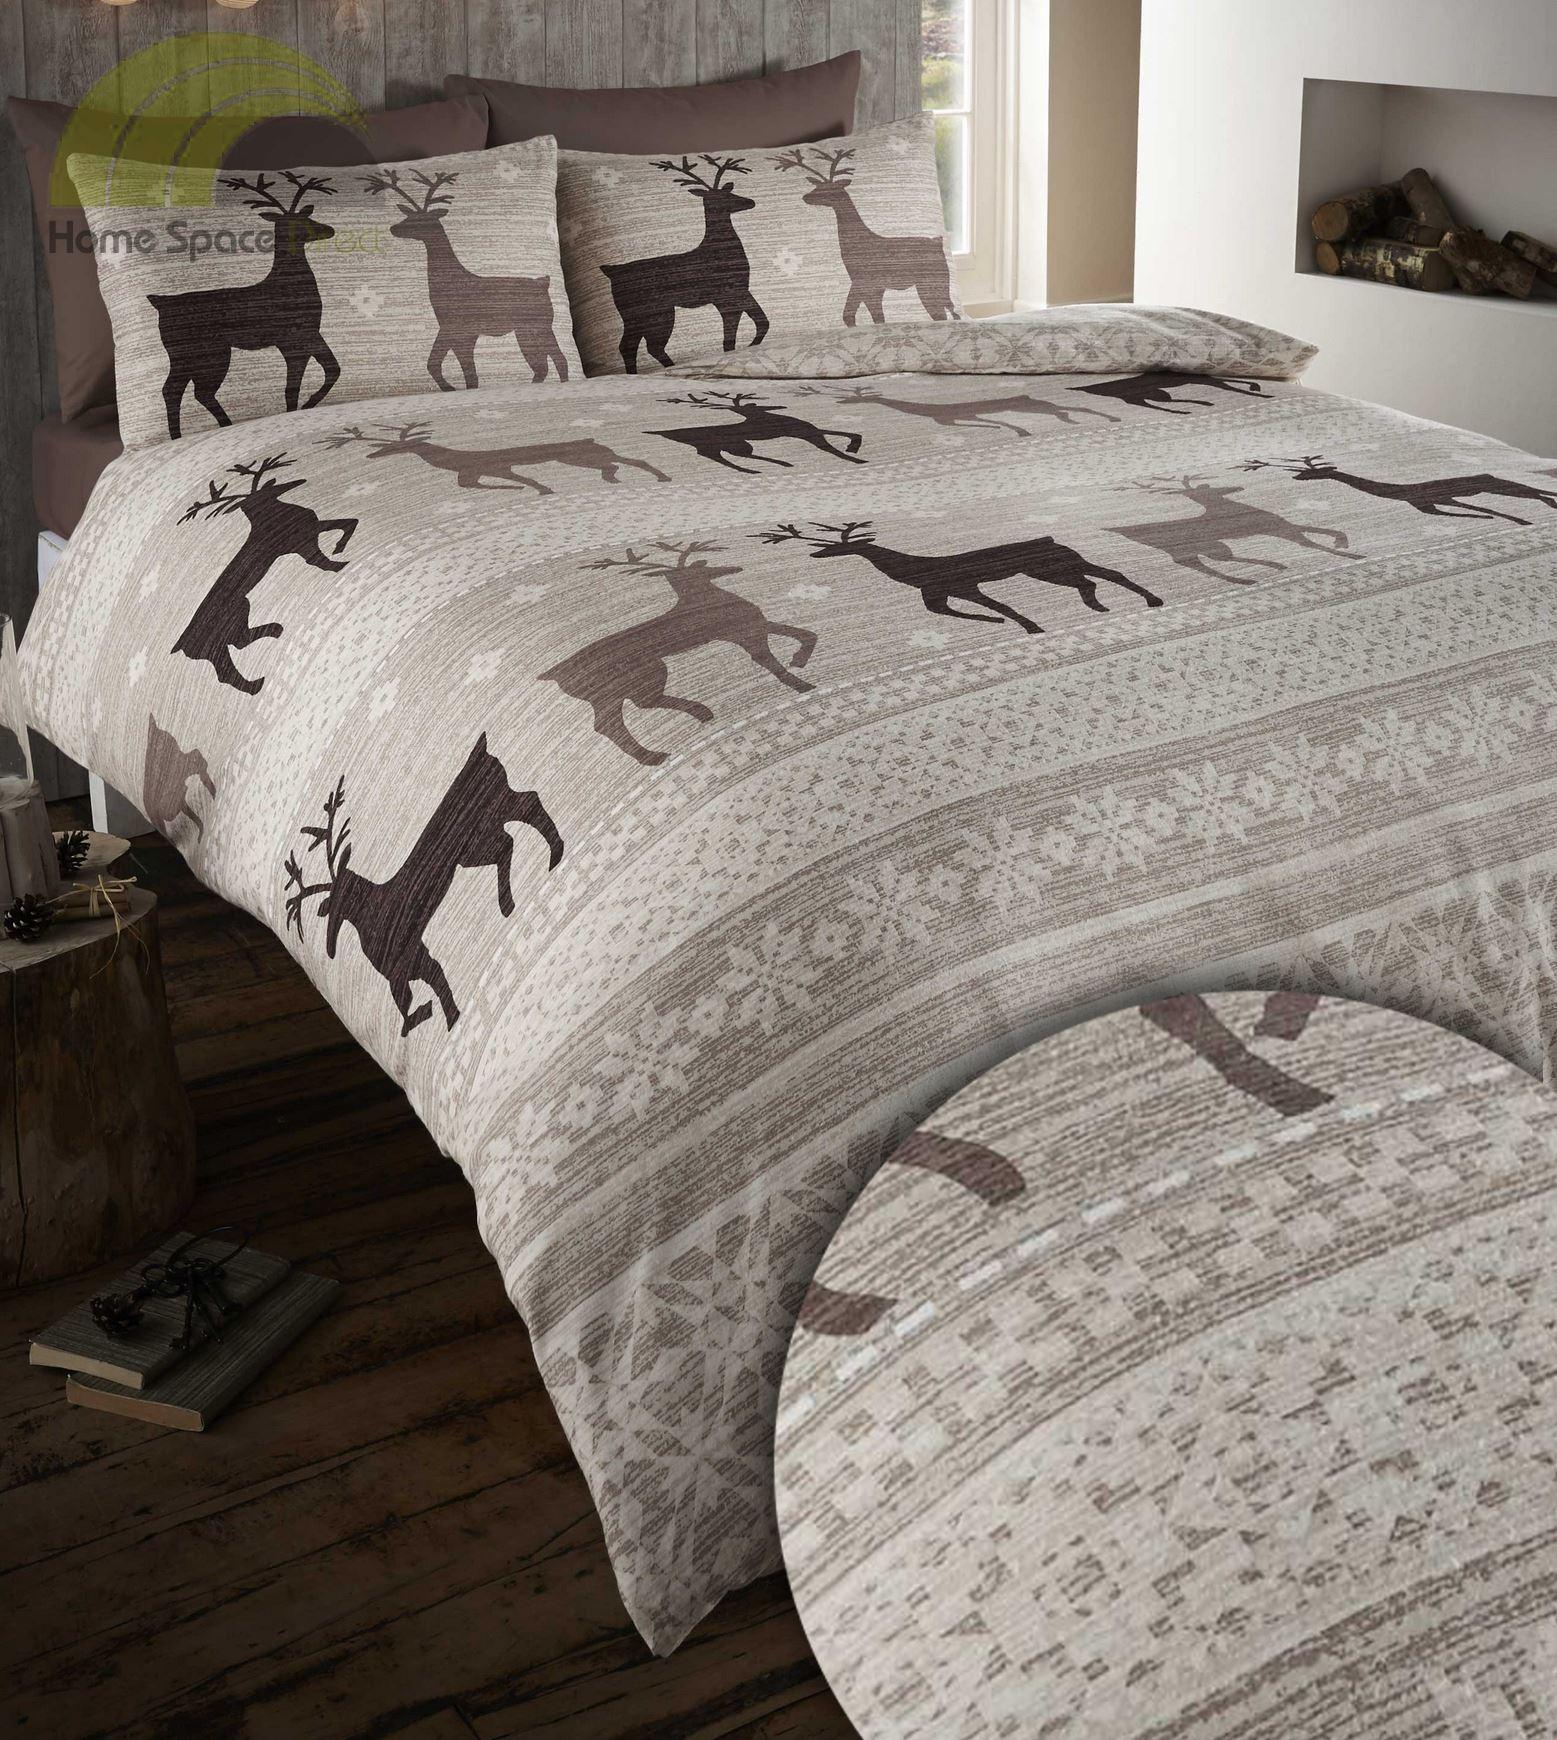 100 brushed cotton flannelette quilt duvet cover bedding. Black Bedroom Furniture Sets. Home Design Ideas